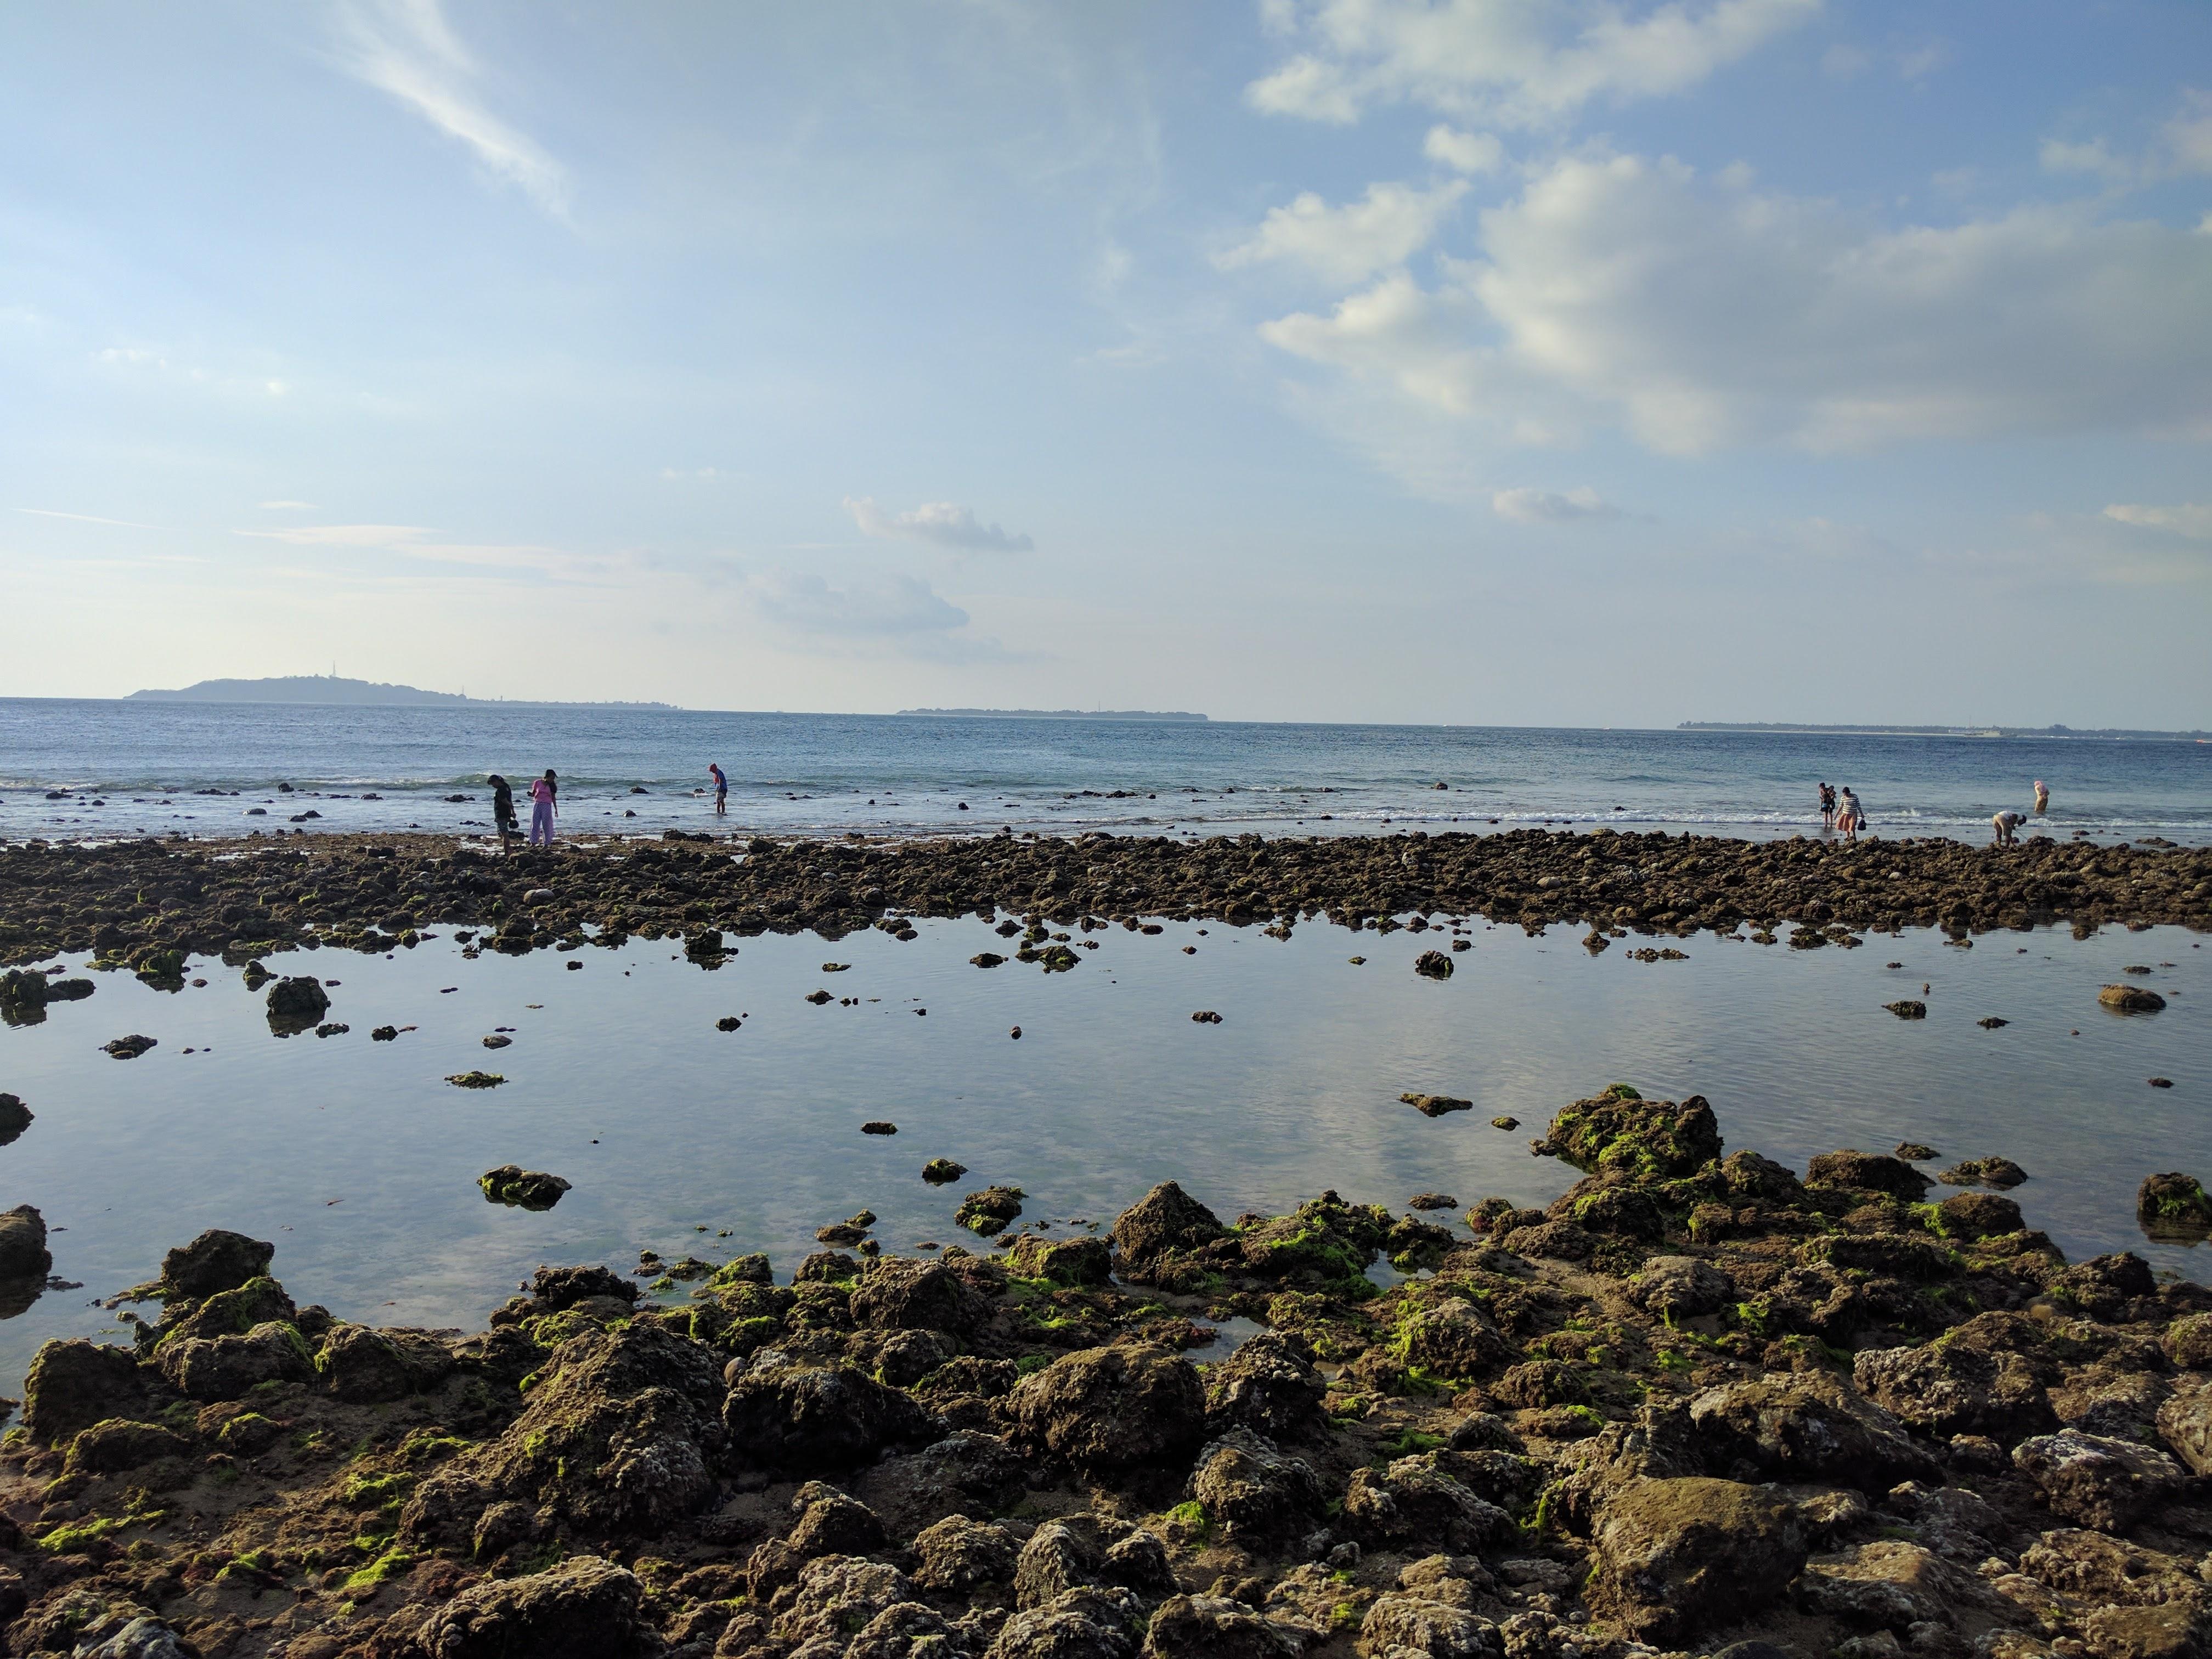 Plage Mentigi marée basse